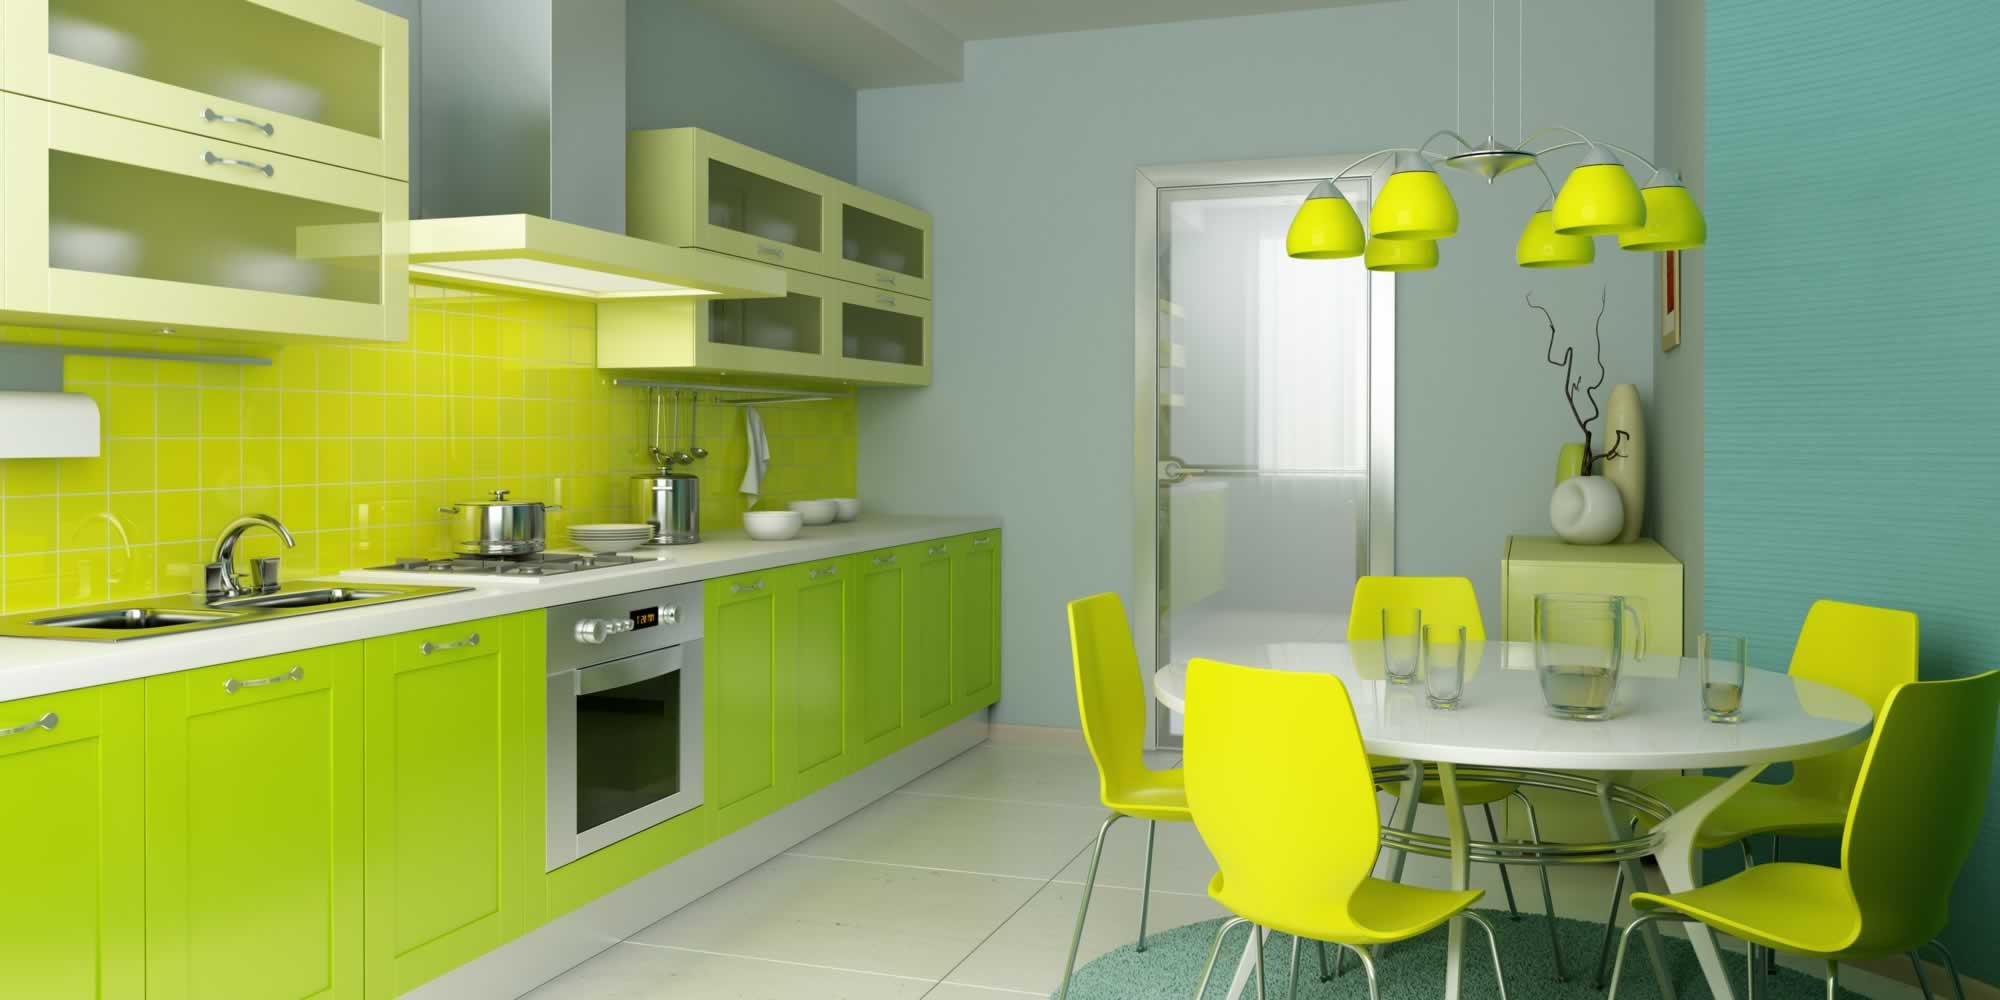 home design inspirationen. Black Bedroom Furniture Sets. Home Design Ideas